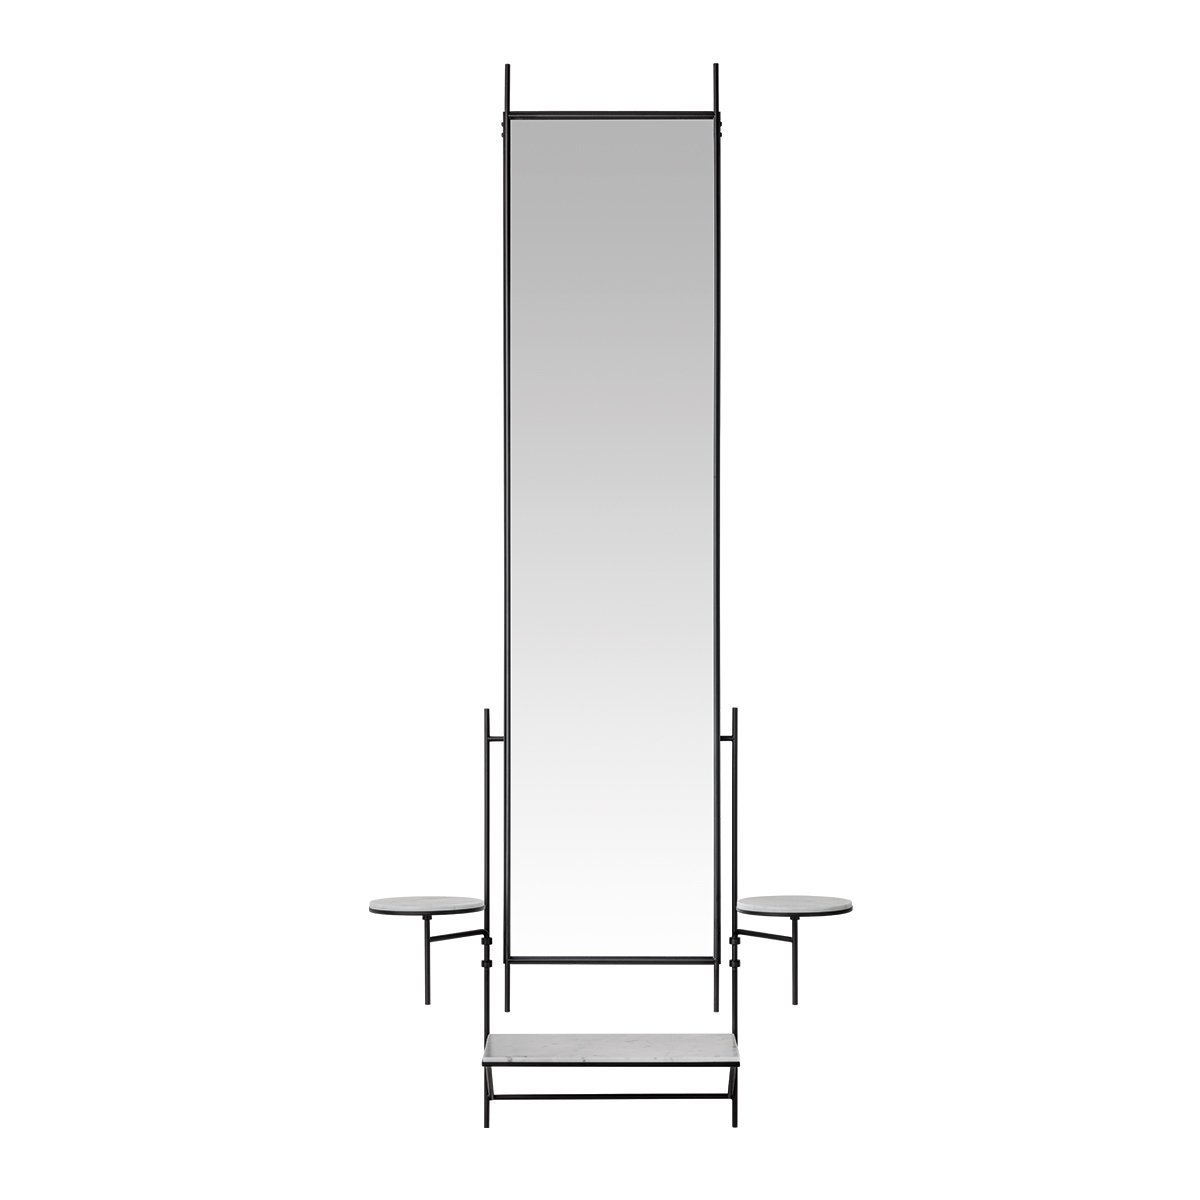 Fritz Hansen Wall Mirror Spiegel - White Carrara Marble